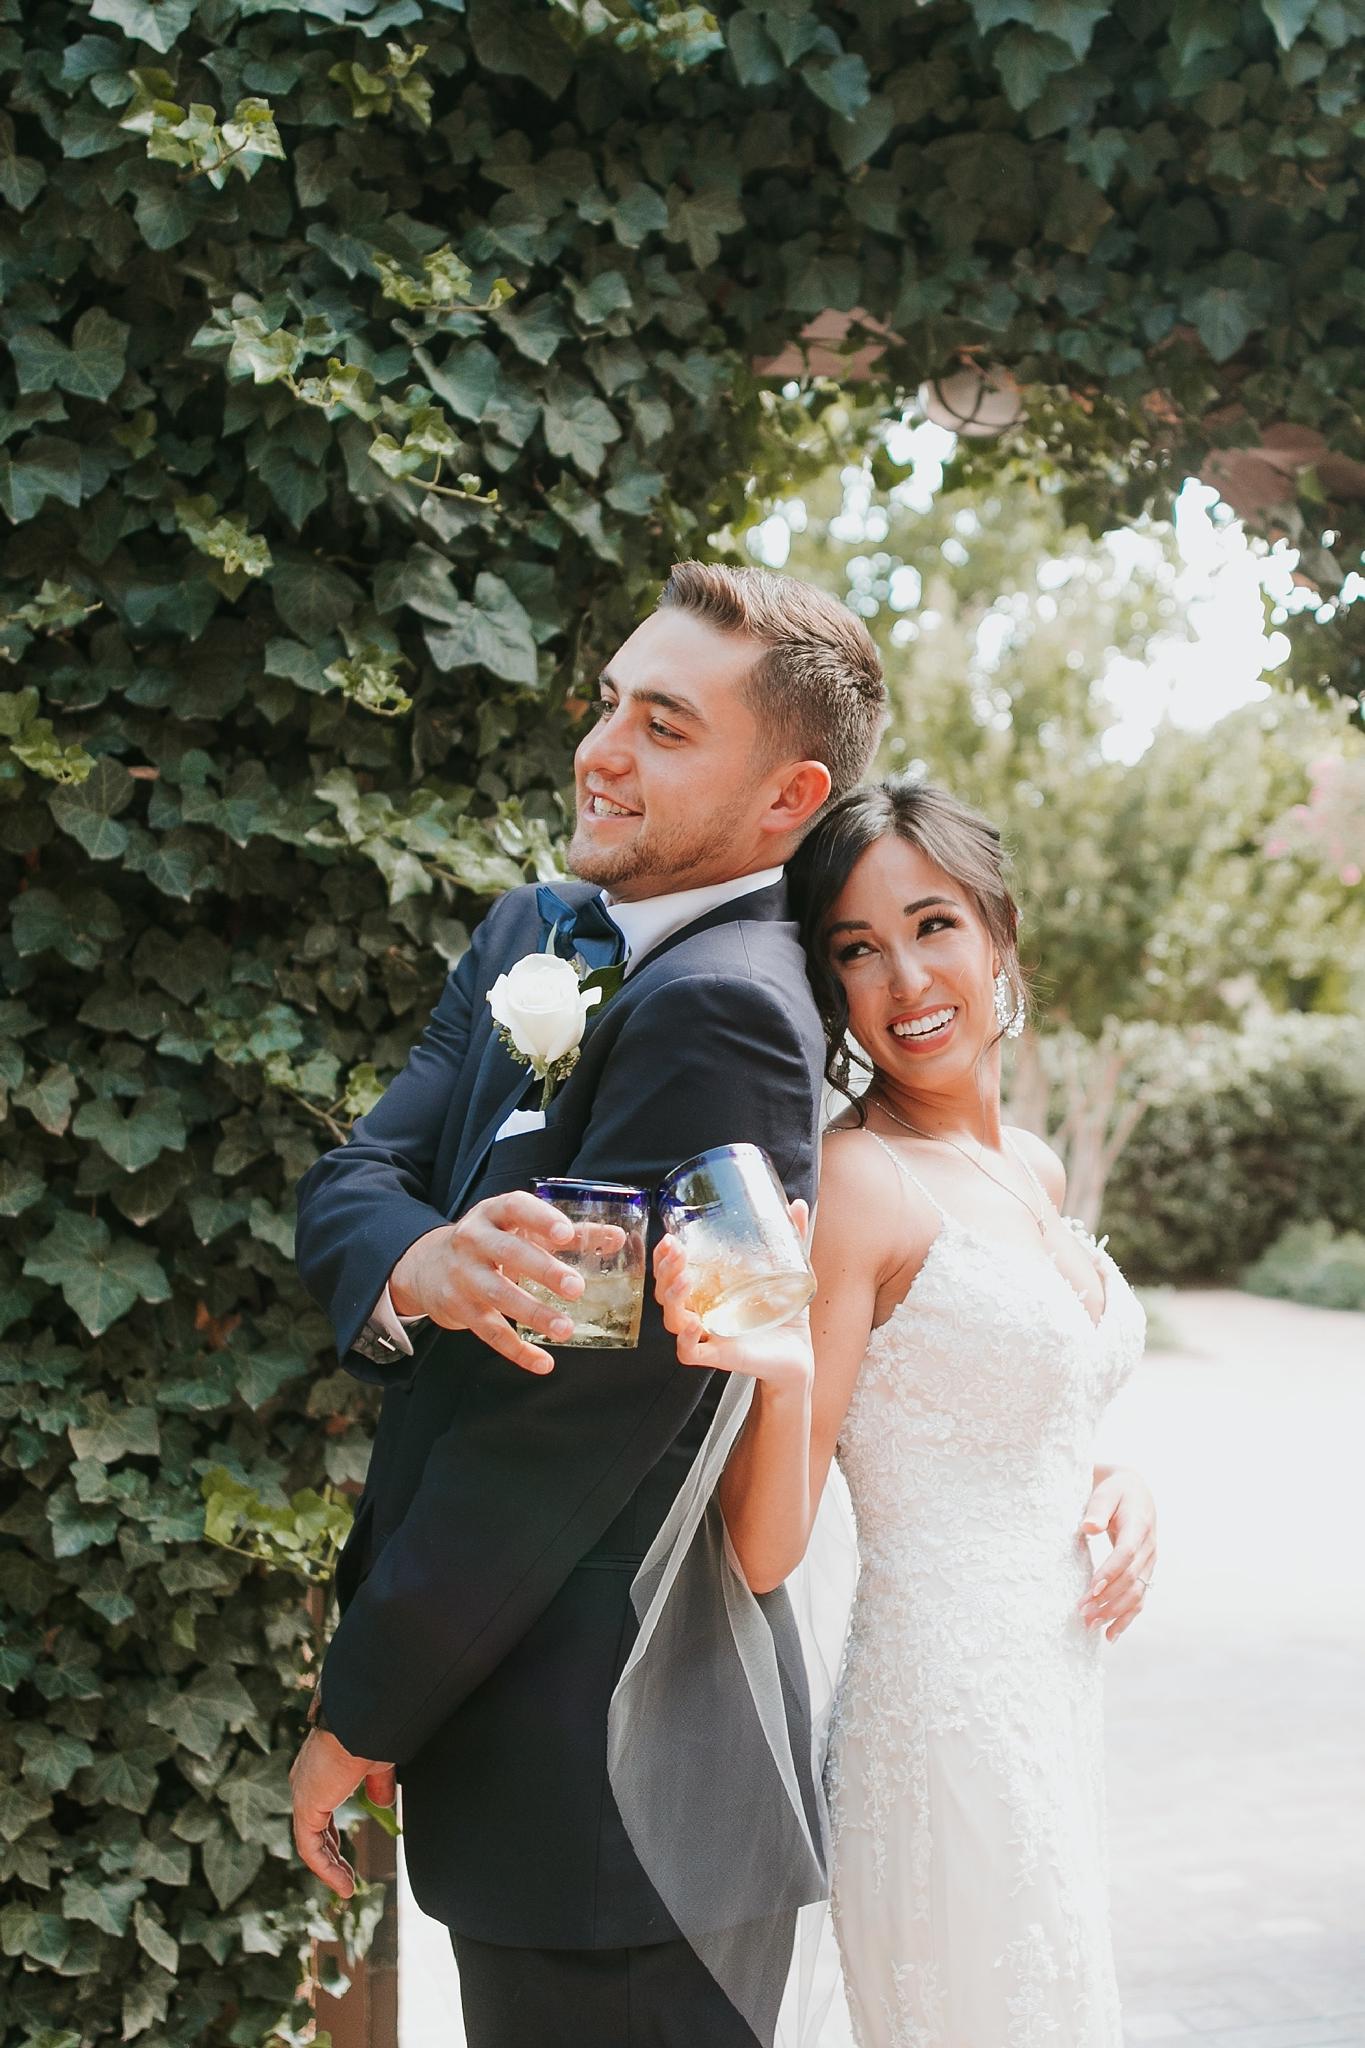 Alicia+lucia+photography+-+albuquerque+wedding+photographer+-+santa+fe+wedding+photography+-+new+mexico+wedding+photographer+-+new+mexico+wedding+-+wedding+makeup+-+makeup+artist+-+wedding+makeup+artist+-+bridal+makeup_0023.jpg